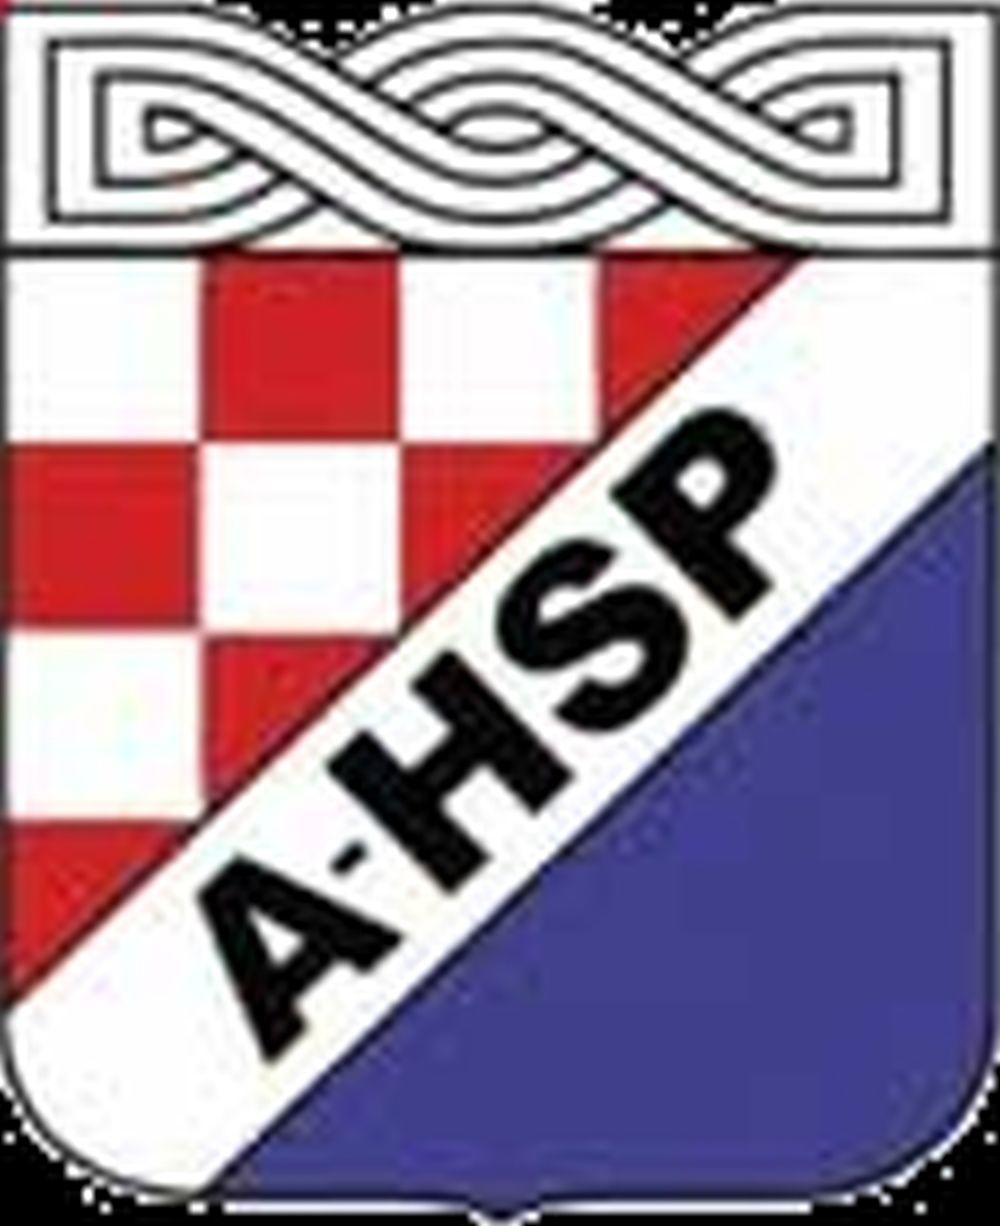 A-HSP je desničarski orijentisana, nacionalistička stranka